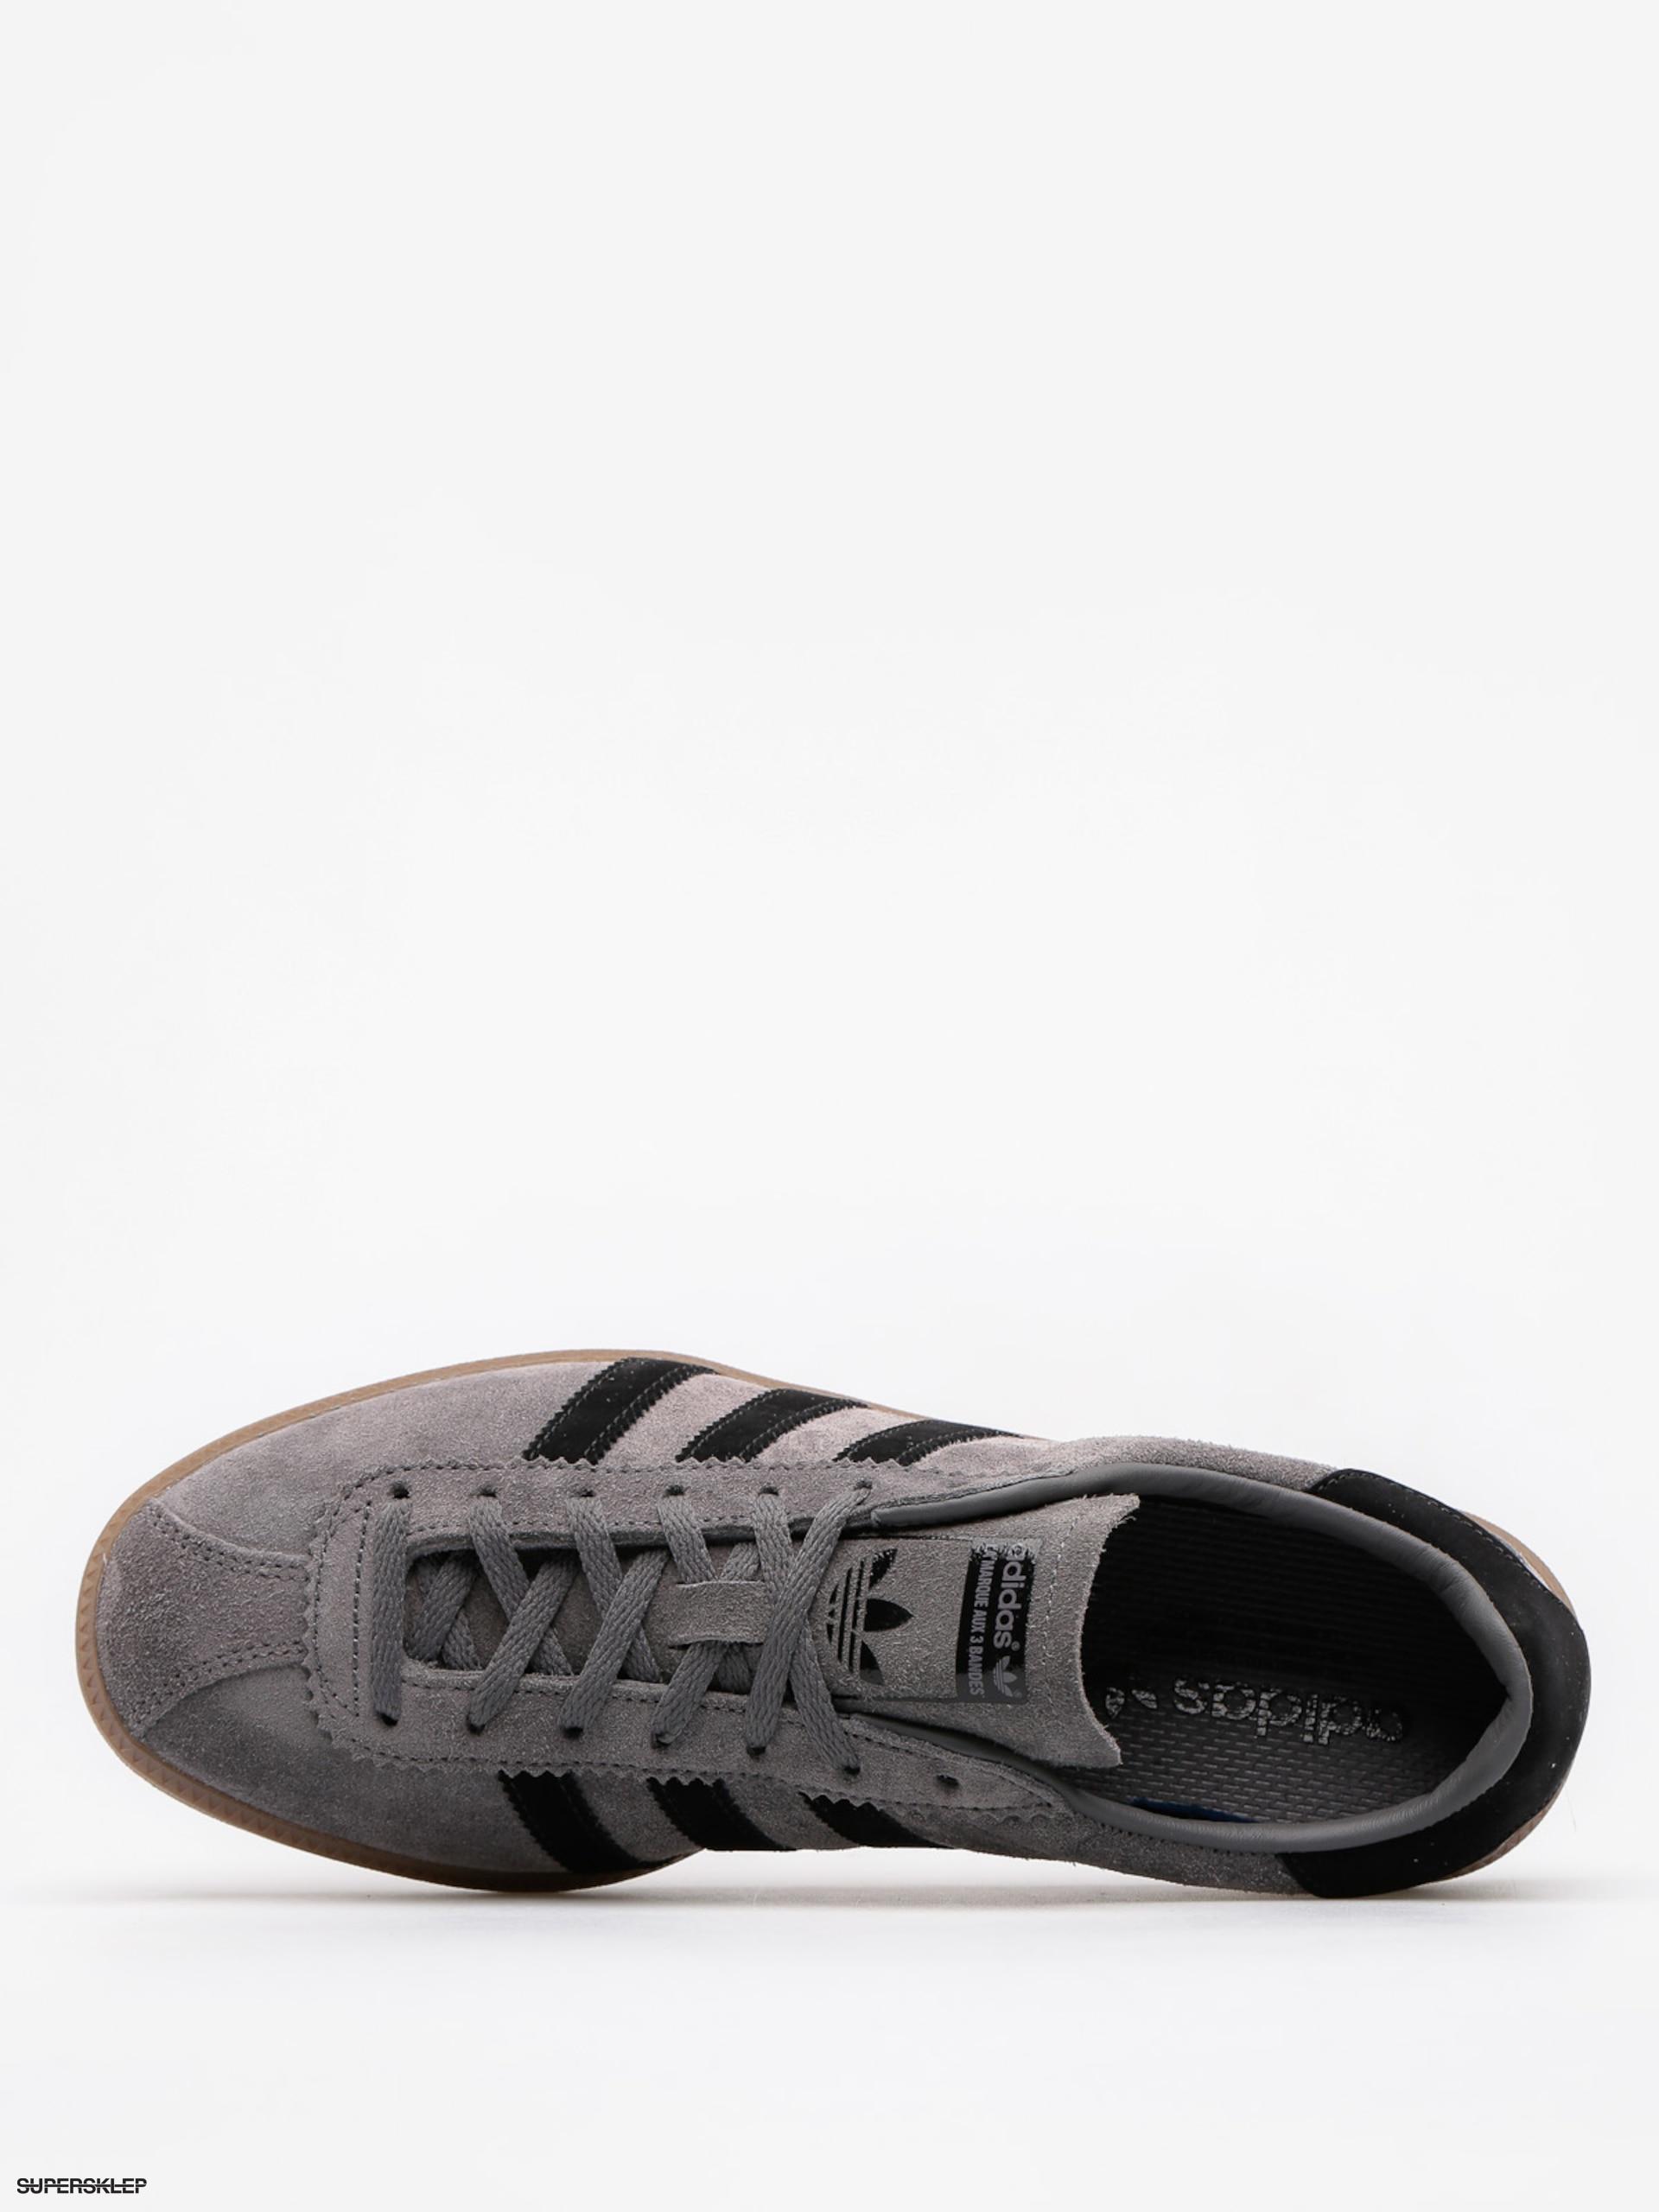 45ff1ec33017 Boty Adidas Boty Adidas grefivcblackgum5 Bermuda Uq8xFw